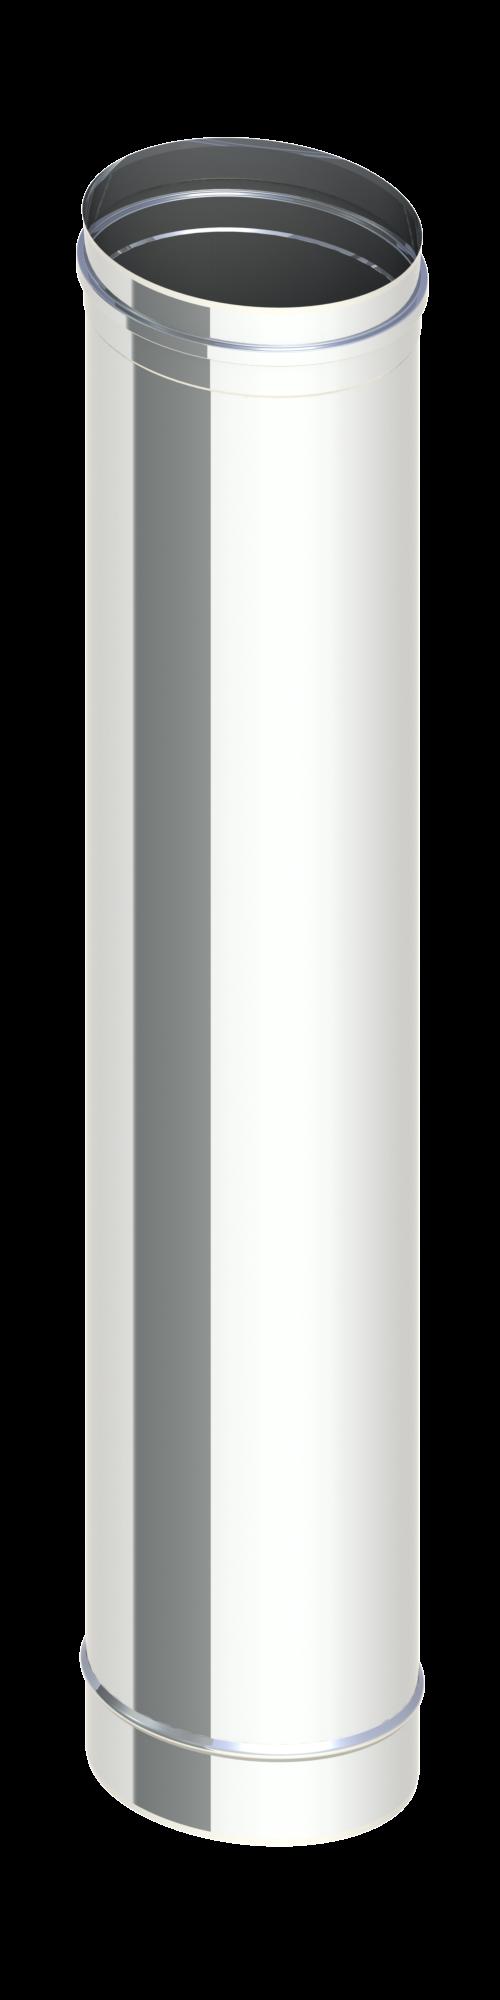 Insatsrör oval 1 m, h =94 cm